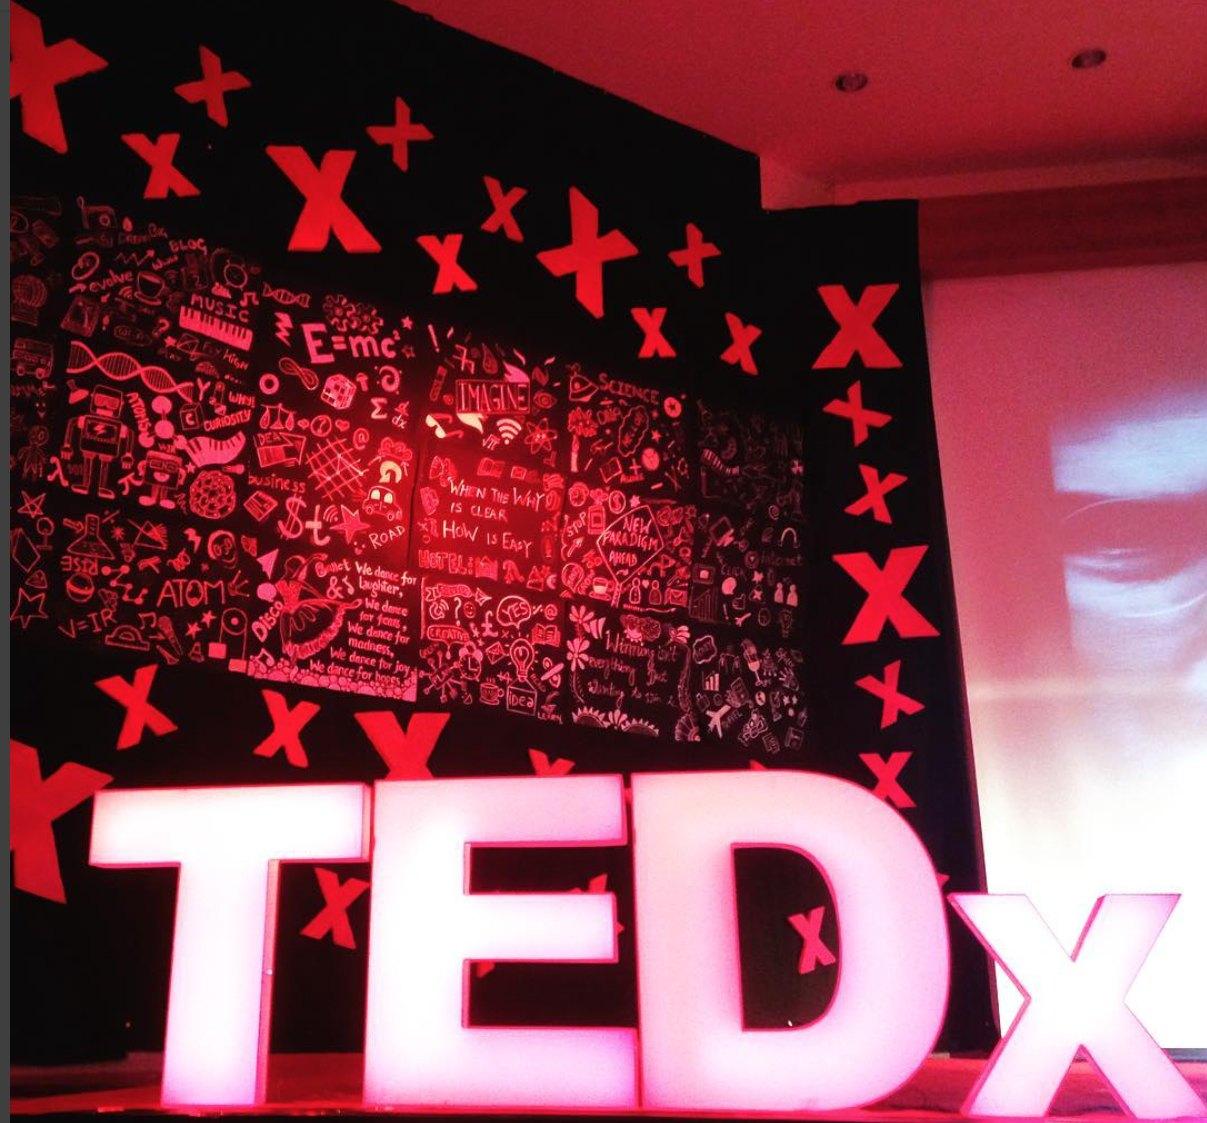 Speaker At TEDx